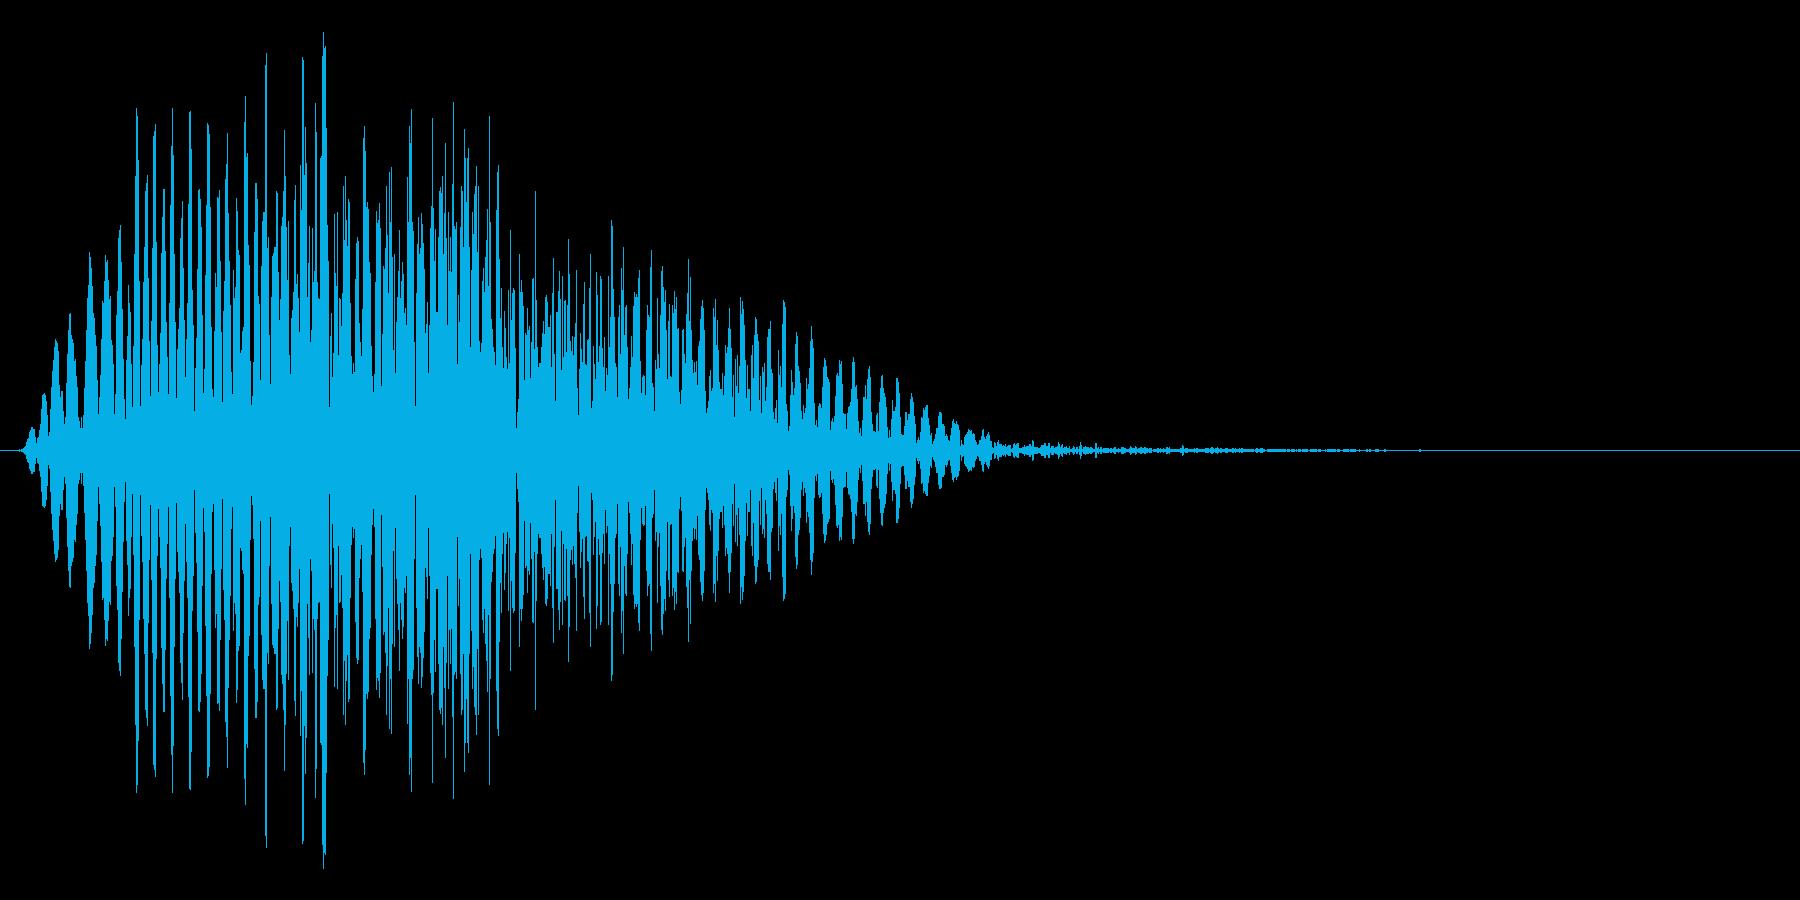 デューン(闇の魔法、重力、パワーダウン)の再生済みの波形